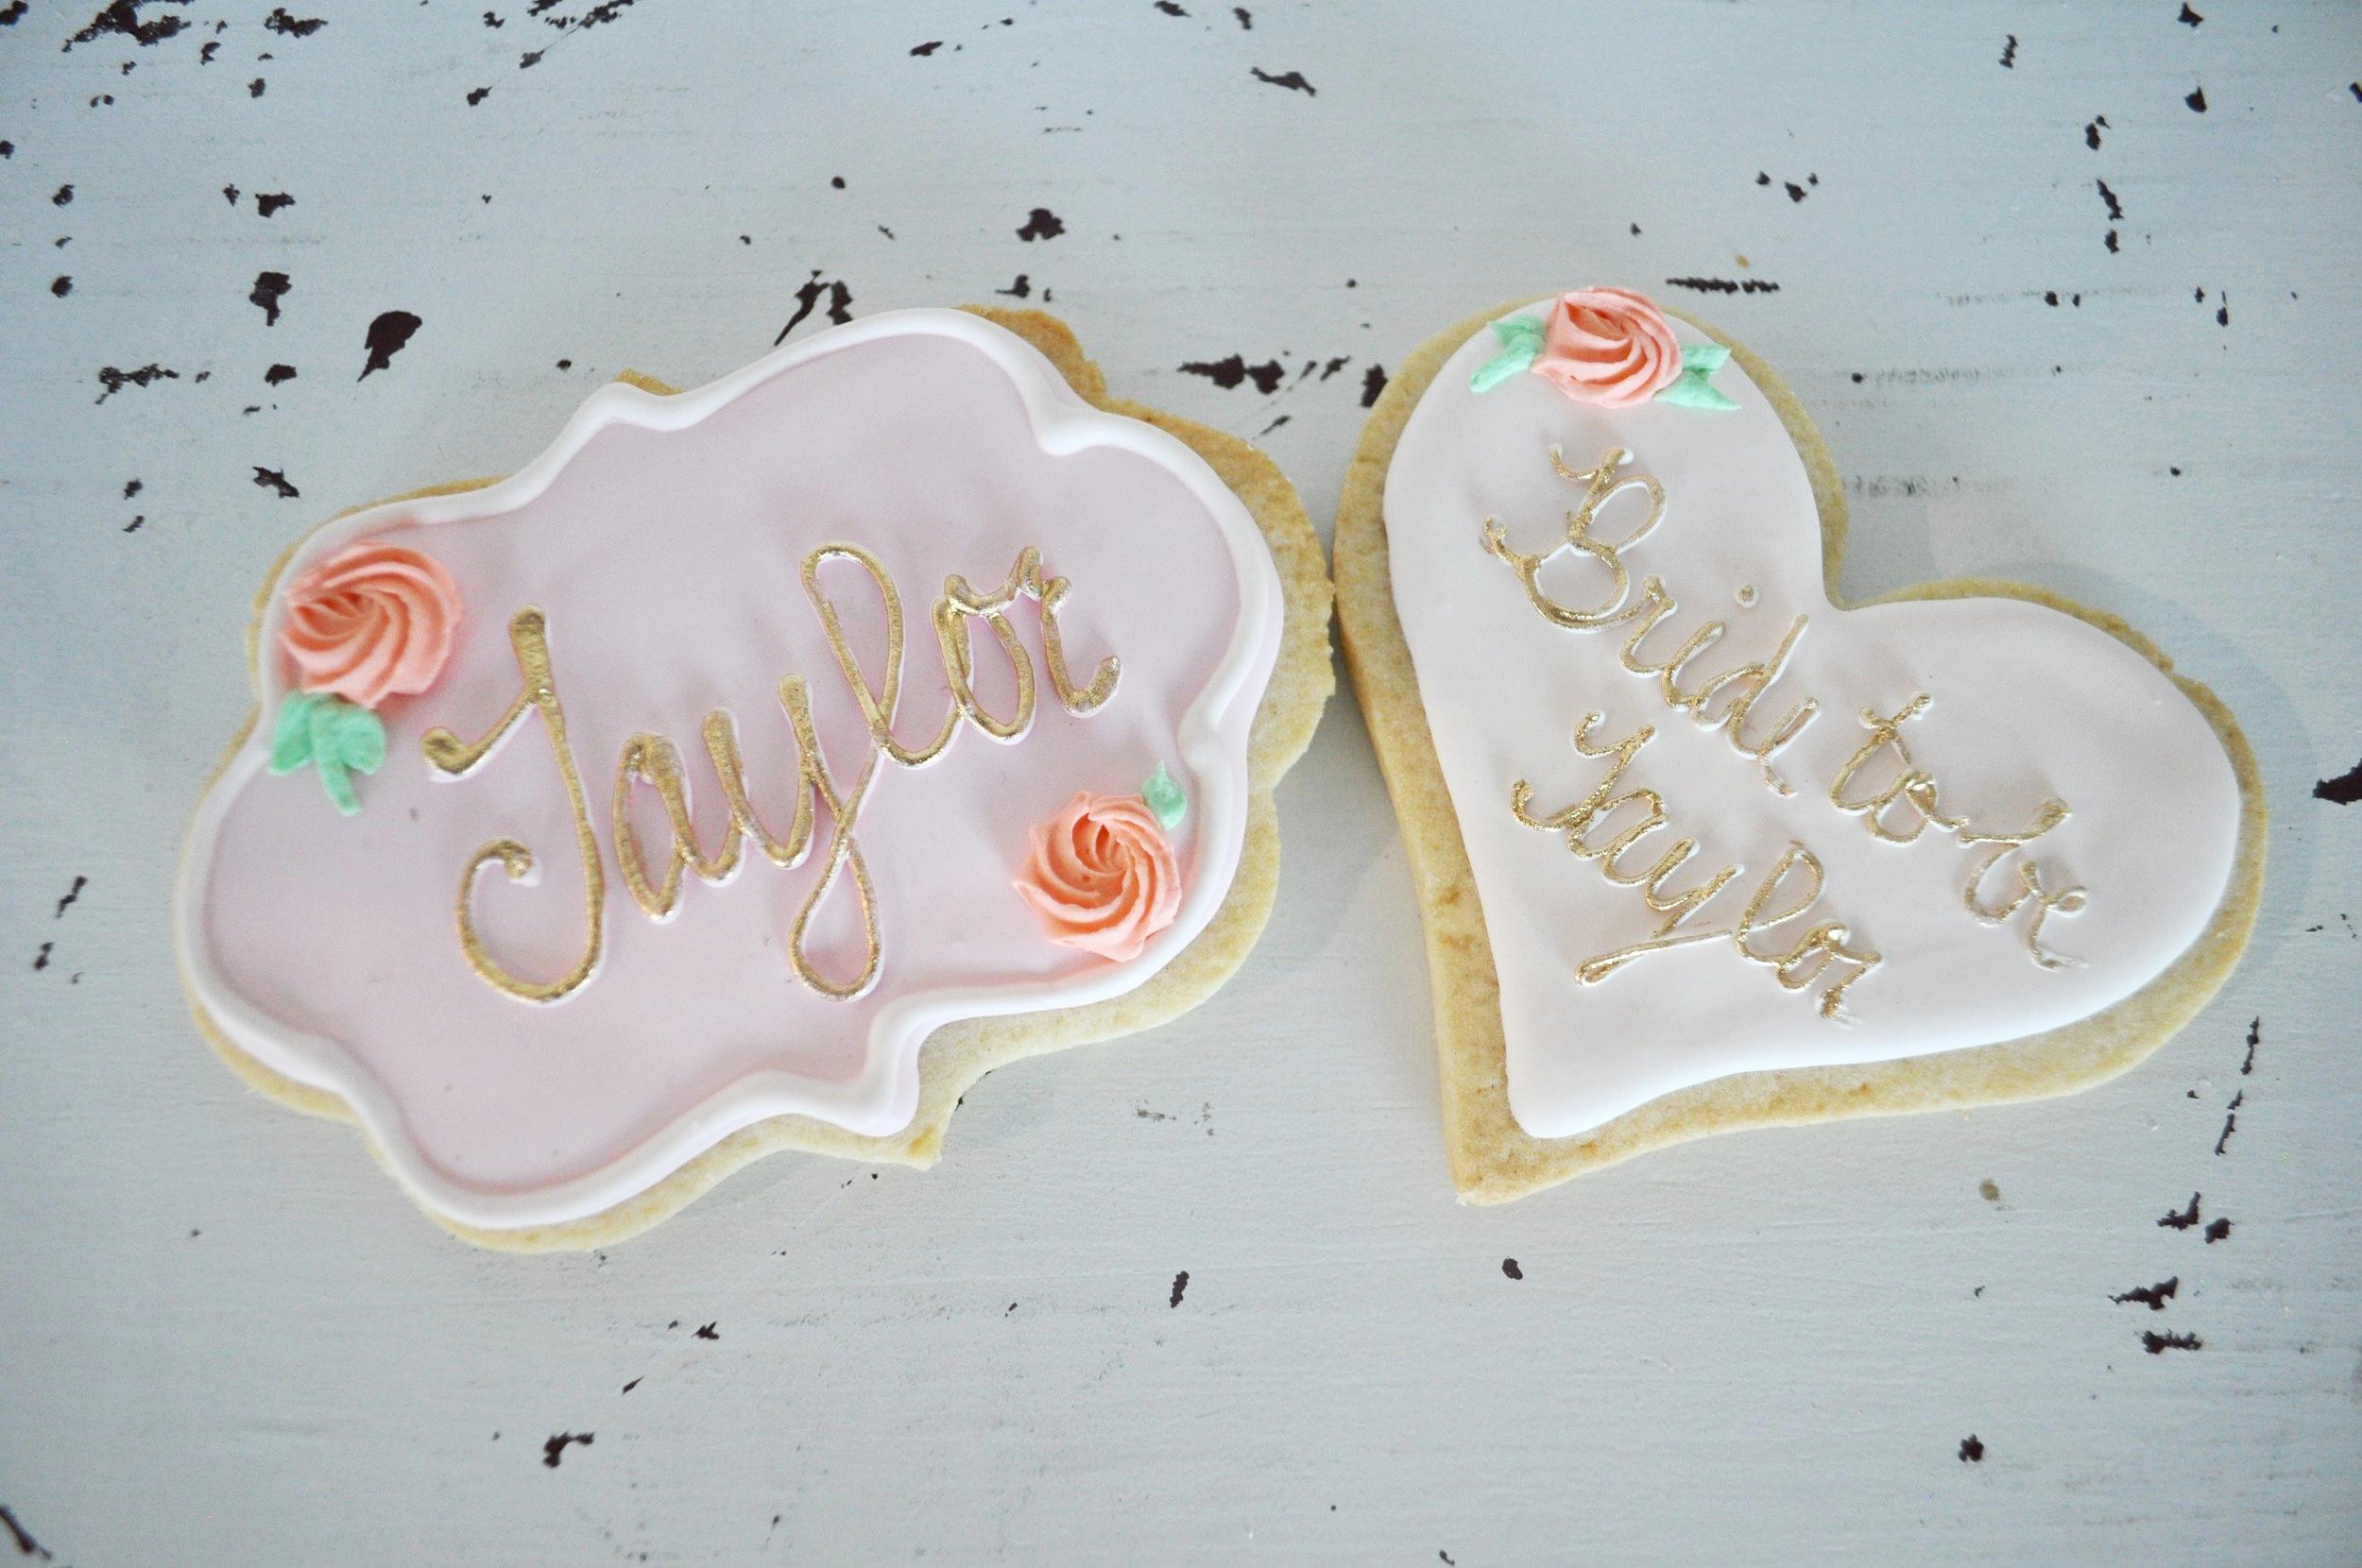 Bride to Be Sugar Cookies 2.jpg